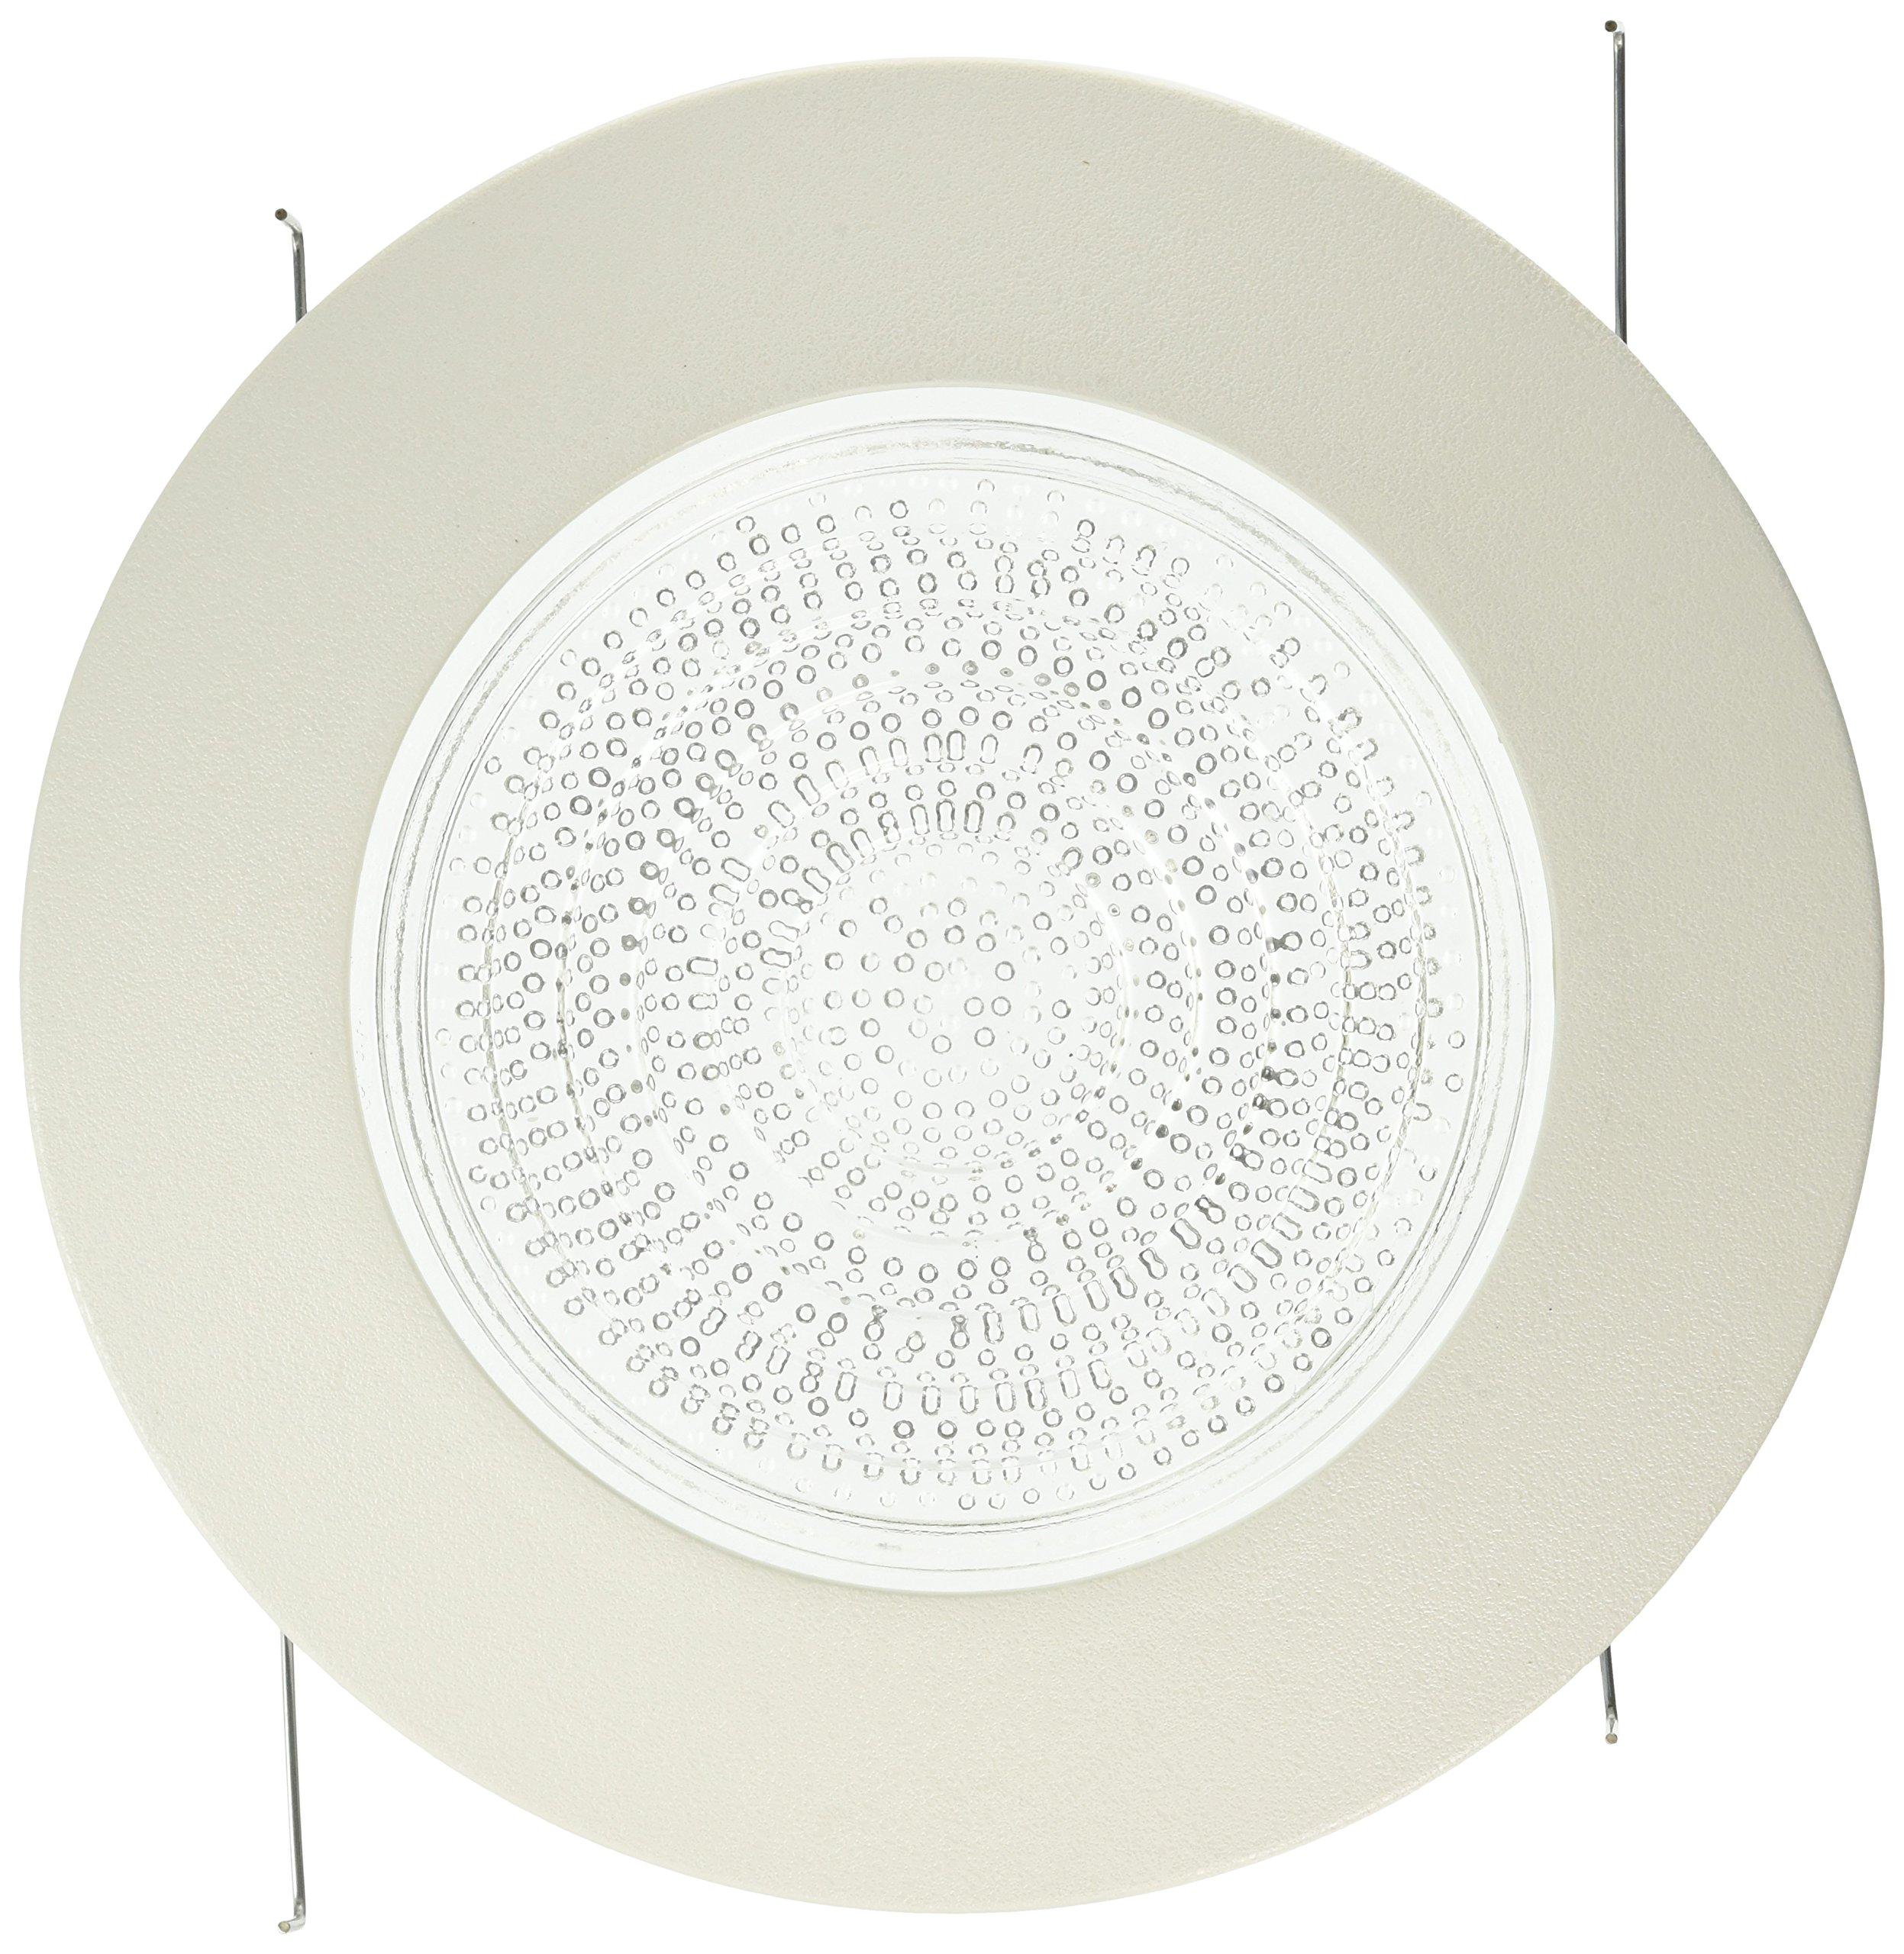 Four Bros Lighting FLP 6'' Inch Fresnel Glass Lens 6'' White Plastic 60 Watt Max. -for Wet Locations-Shower Can Light Trim-Ul Listed